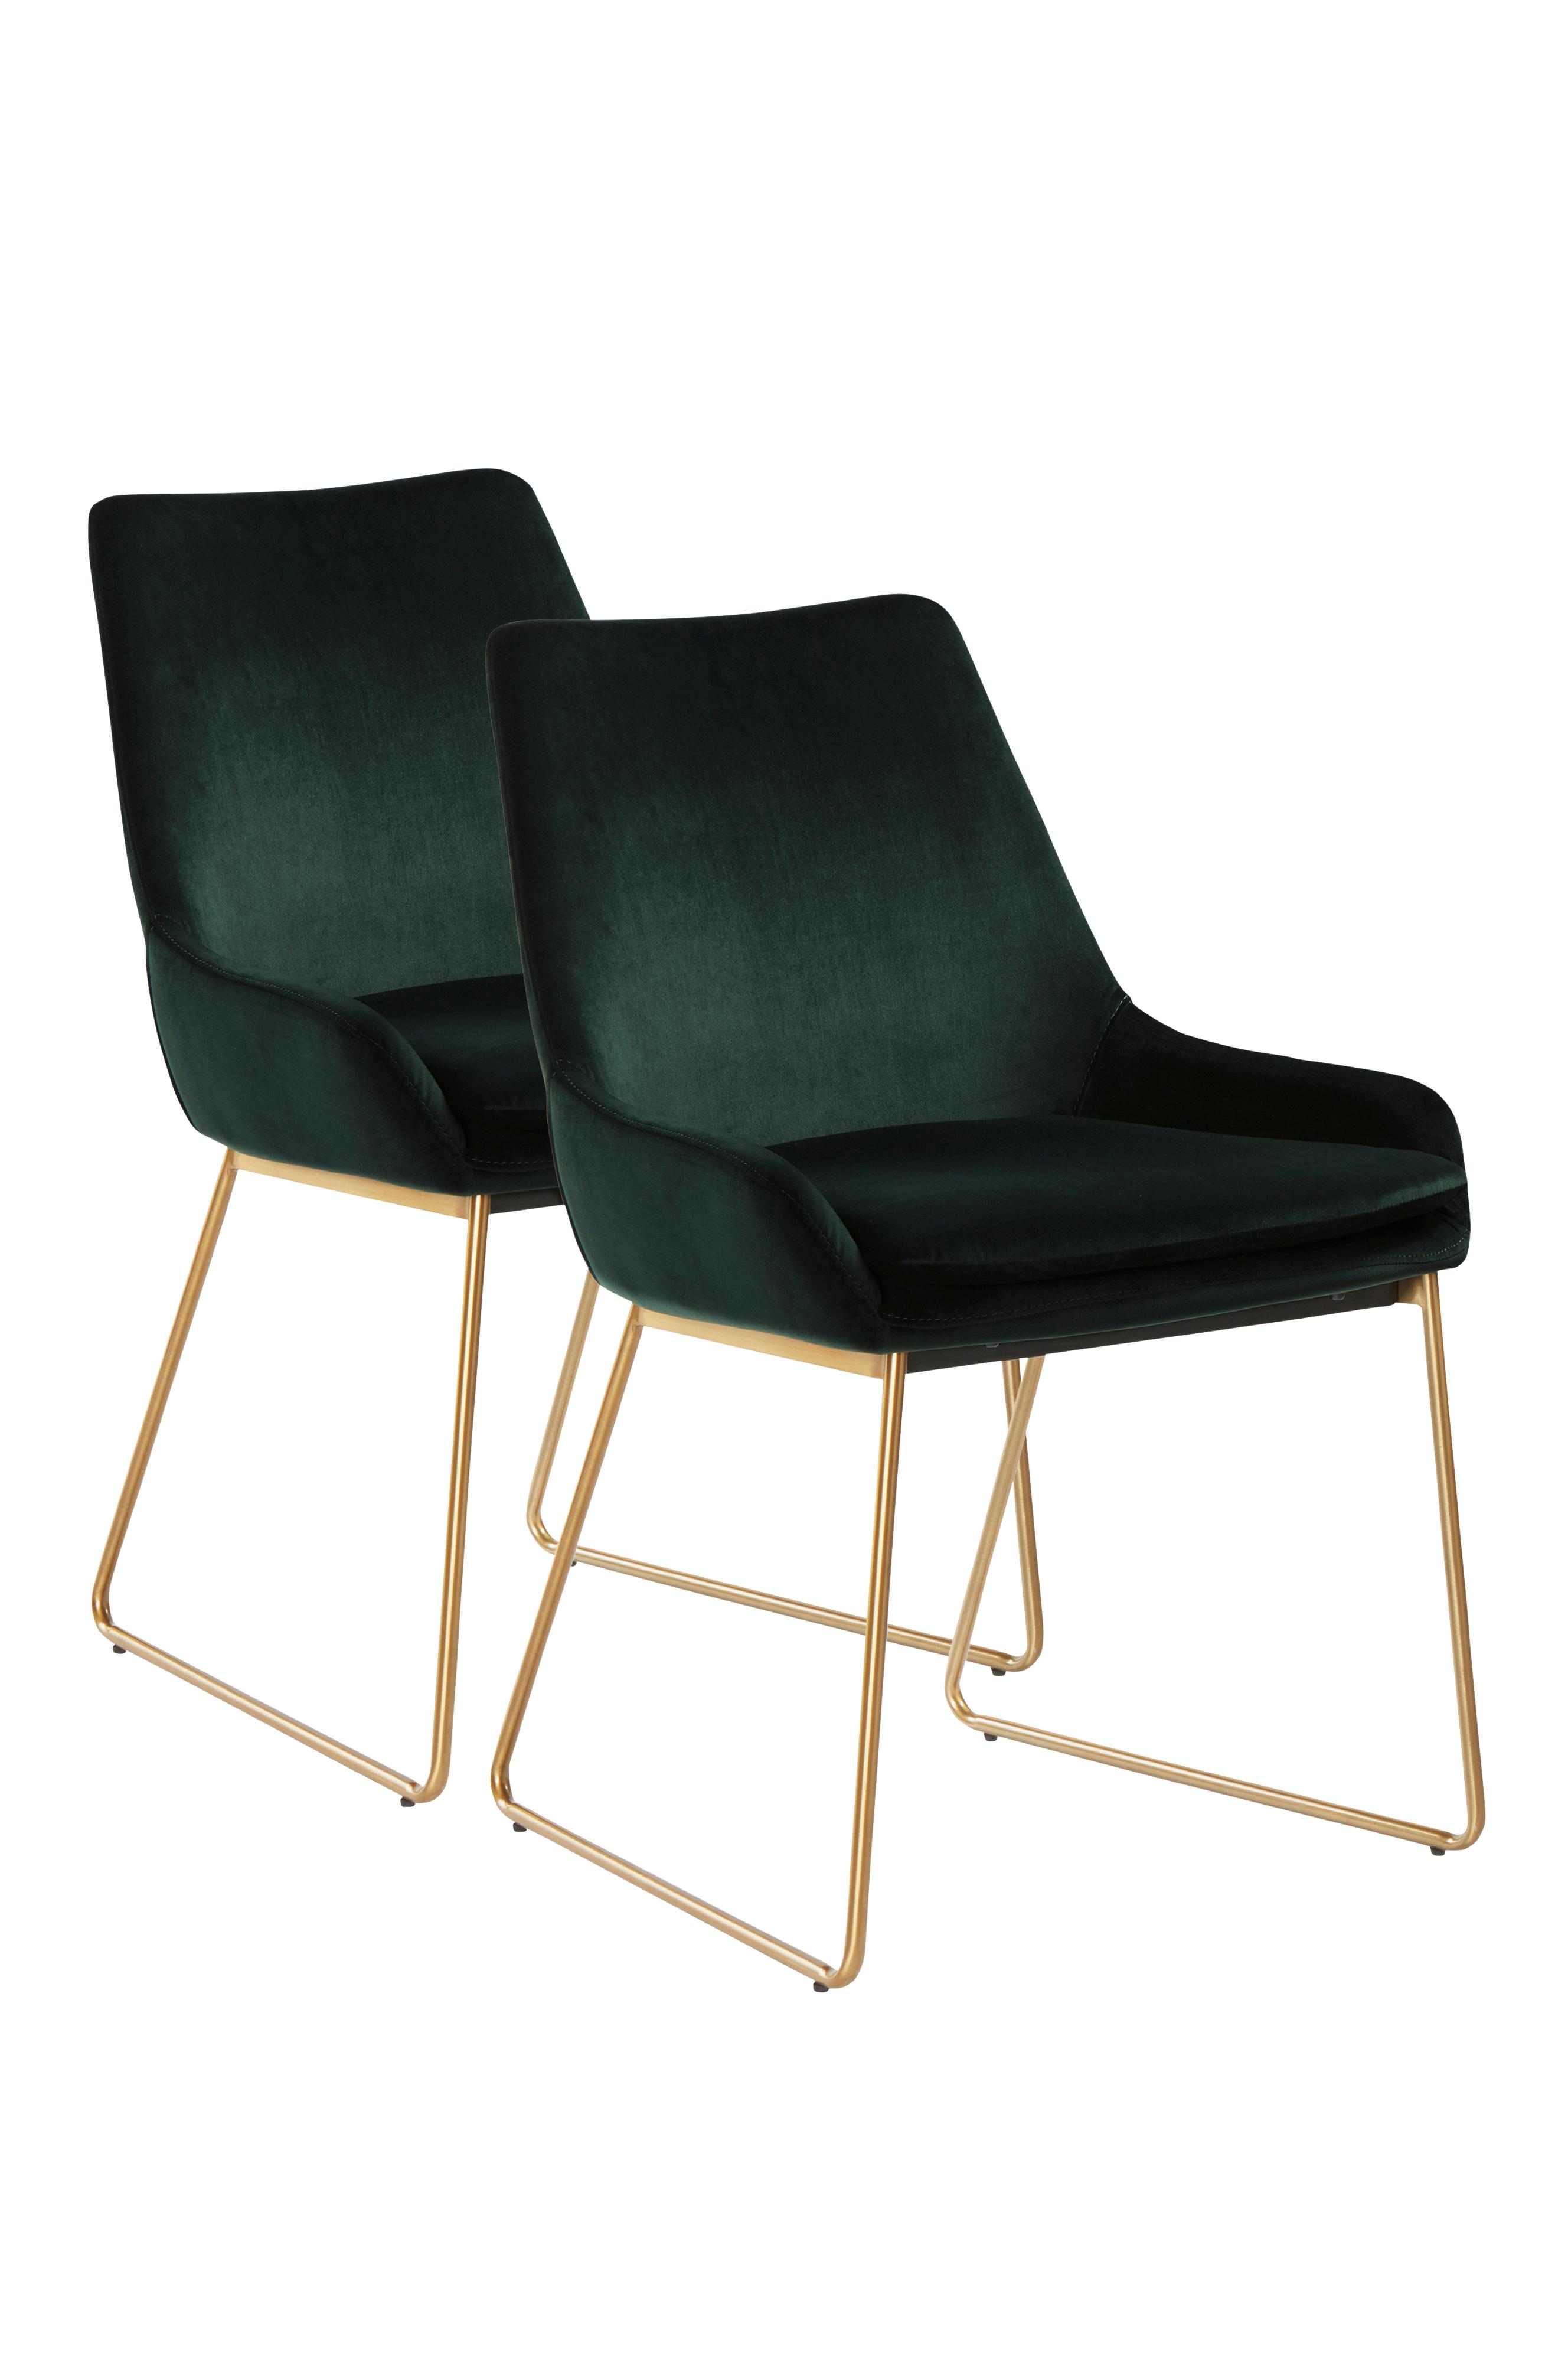 To pakk med stoler fra Jotex. Finnes to forskjellig